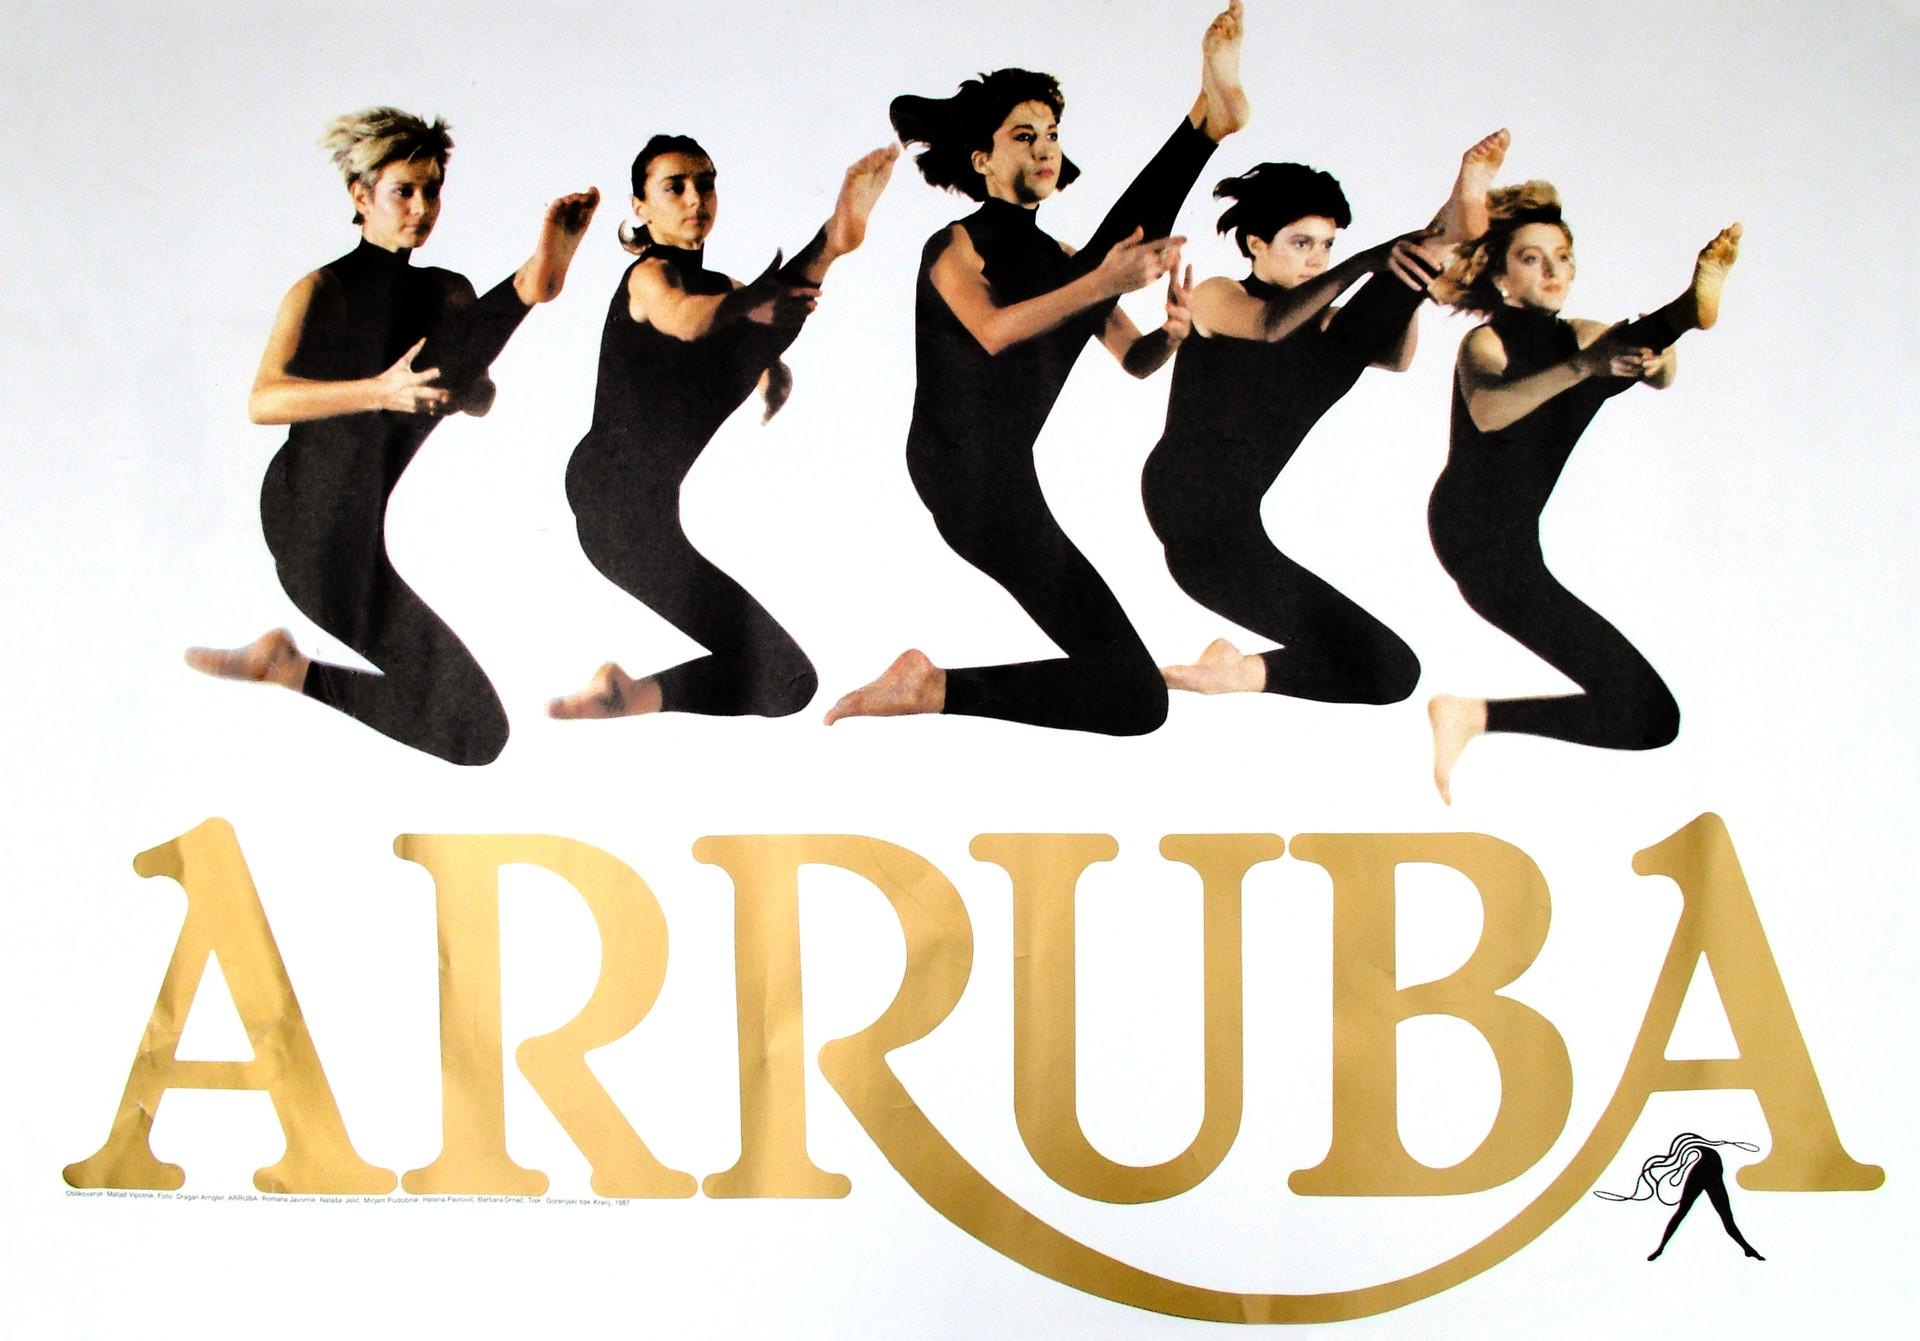 Barbra je bila del skupine Arruba, ki je plesala jazz balet po Jugoslaviji in Evropi z Irekom Muhamedovim, ki je vodil ljubljanski balet.